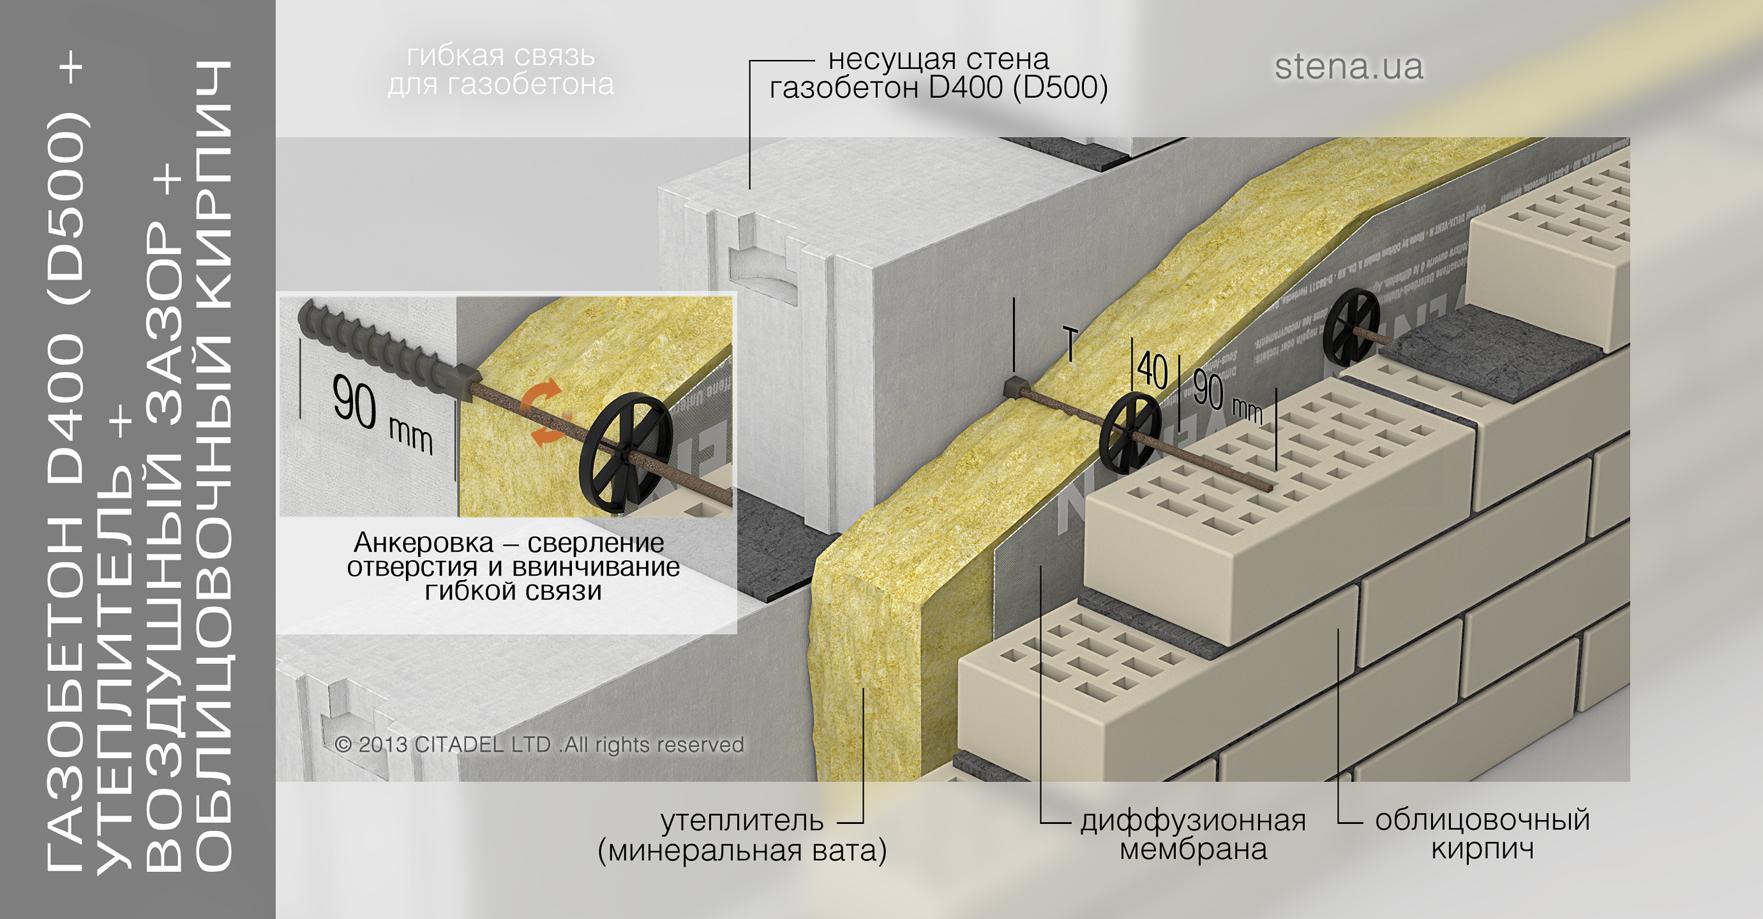 Гибкая связь для газобетона: Газобетон D400 (D500) + Утеплитель + Воздушный зазор + Облицовочный кирпич